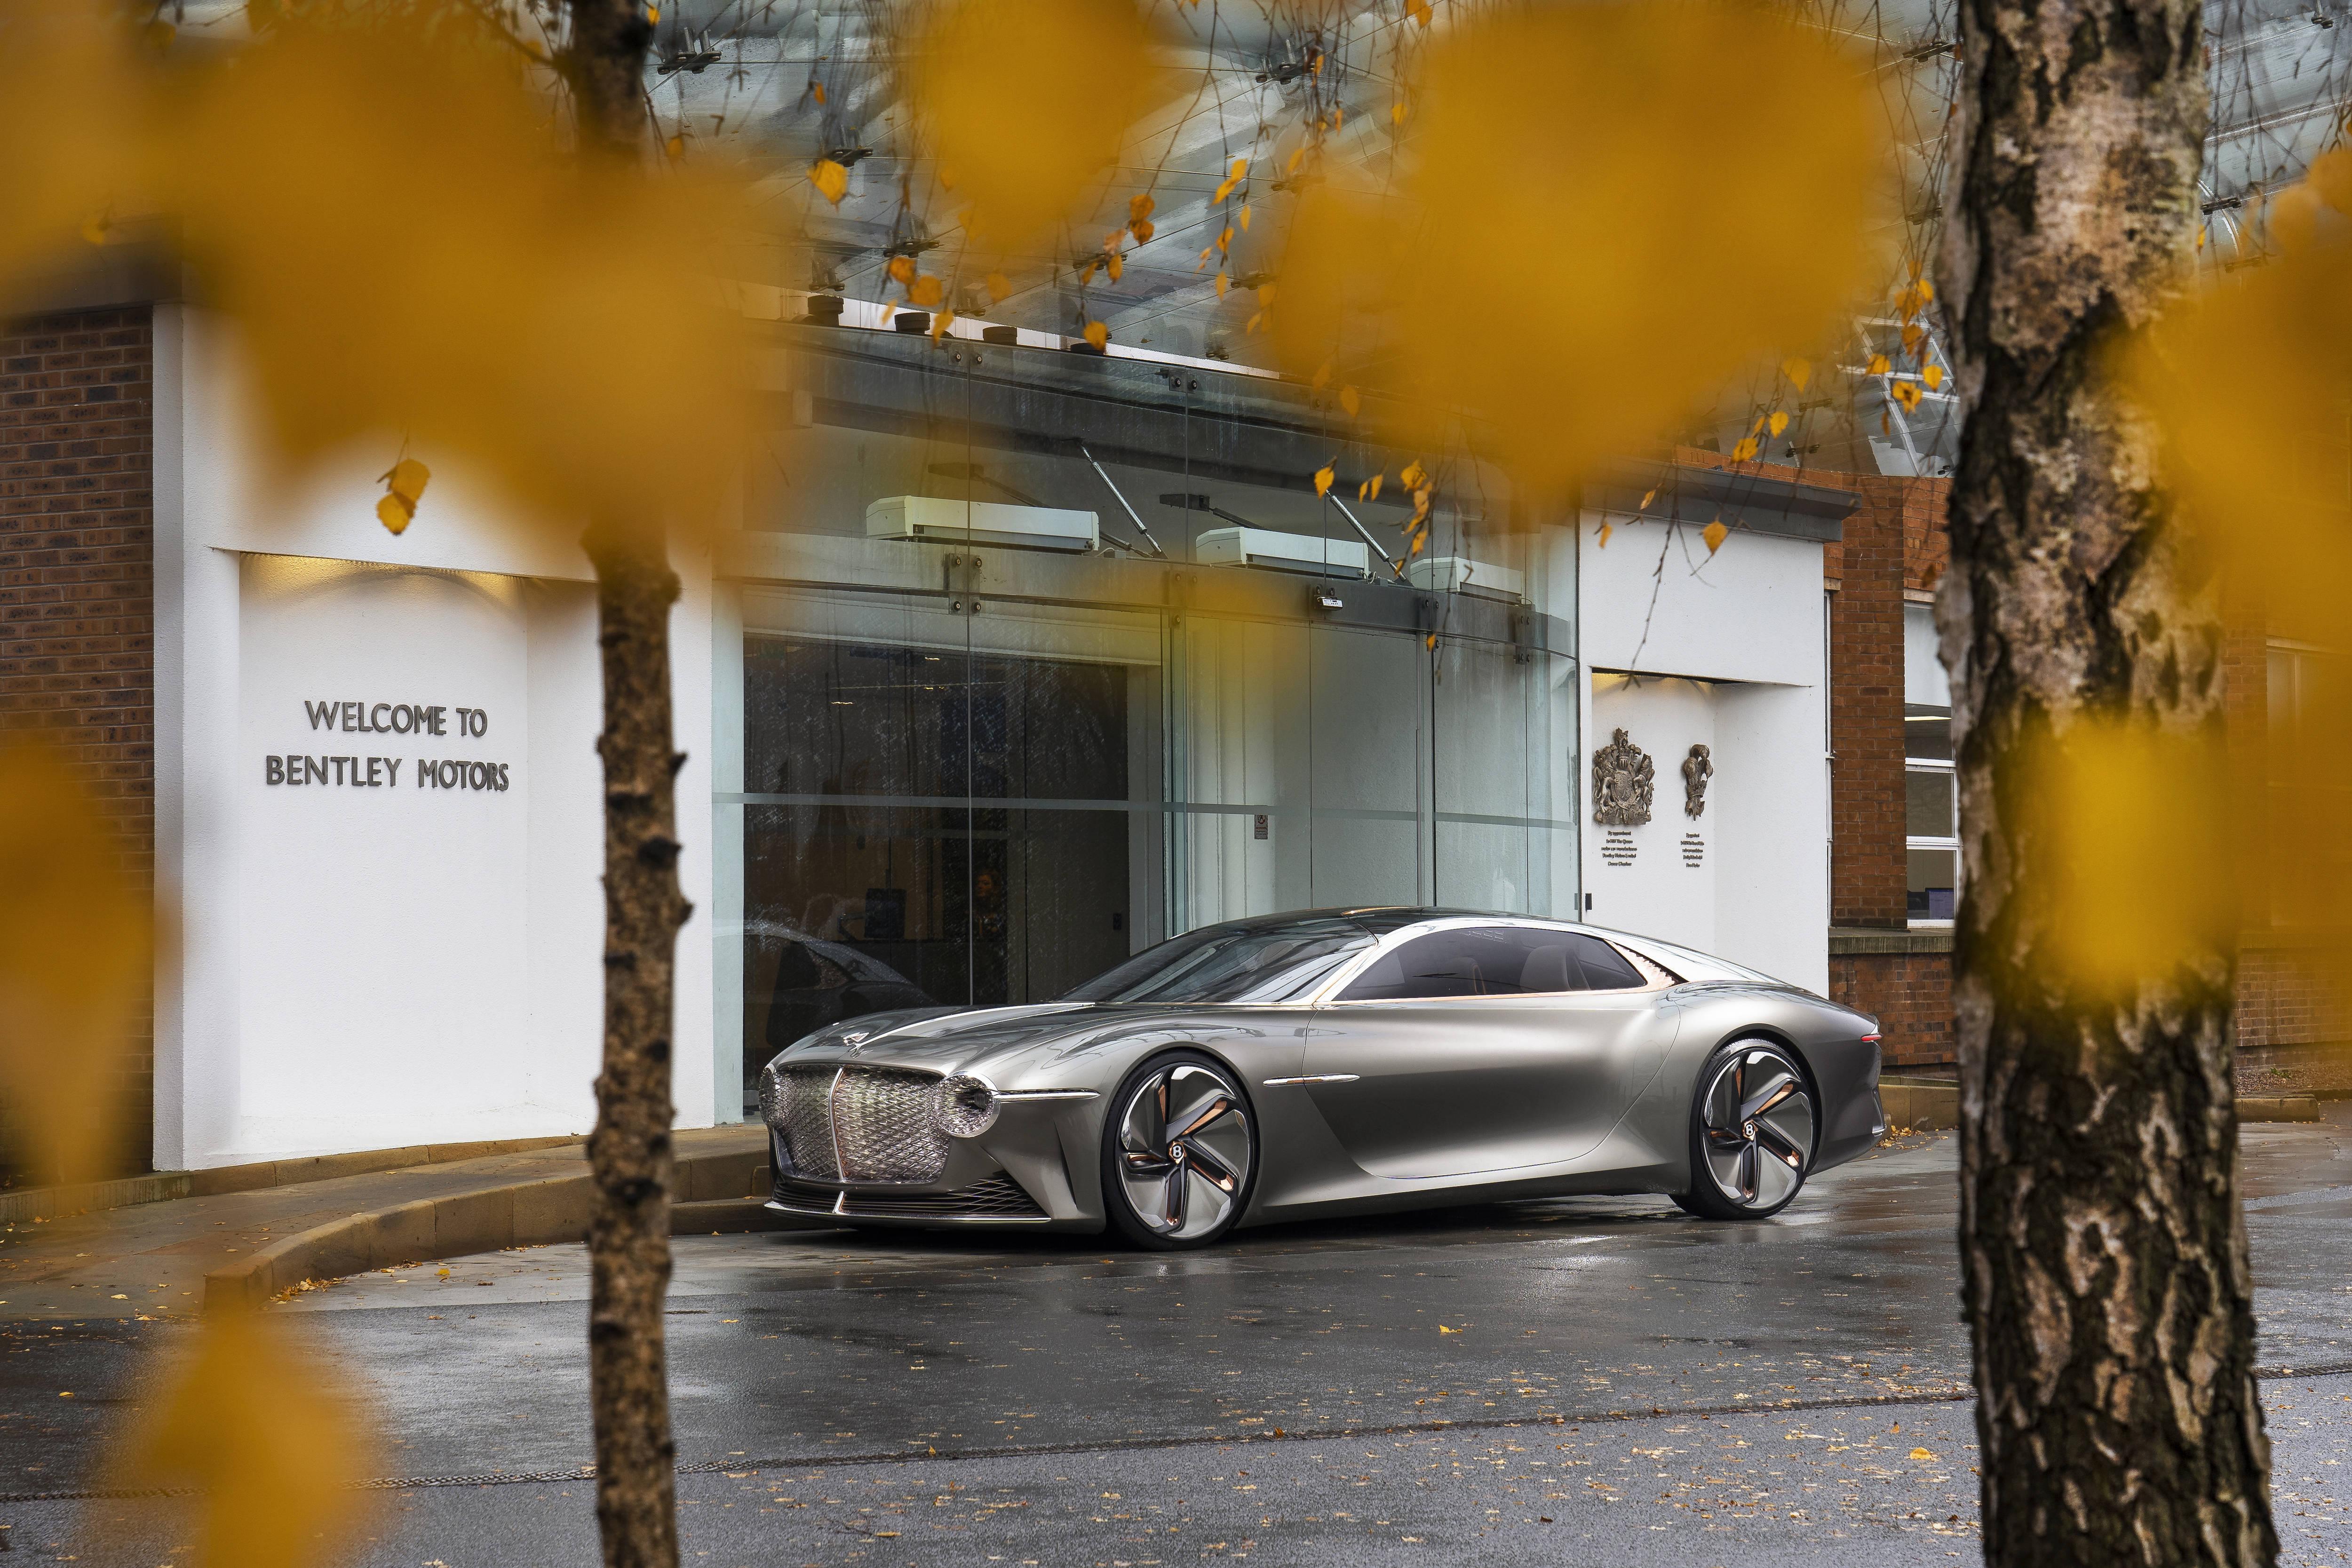 奢华至极,宾利史上最夸张的概念车即将量产_搜狐汽车_搜狐网